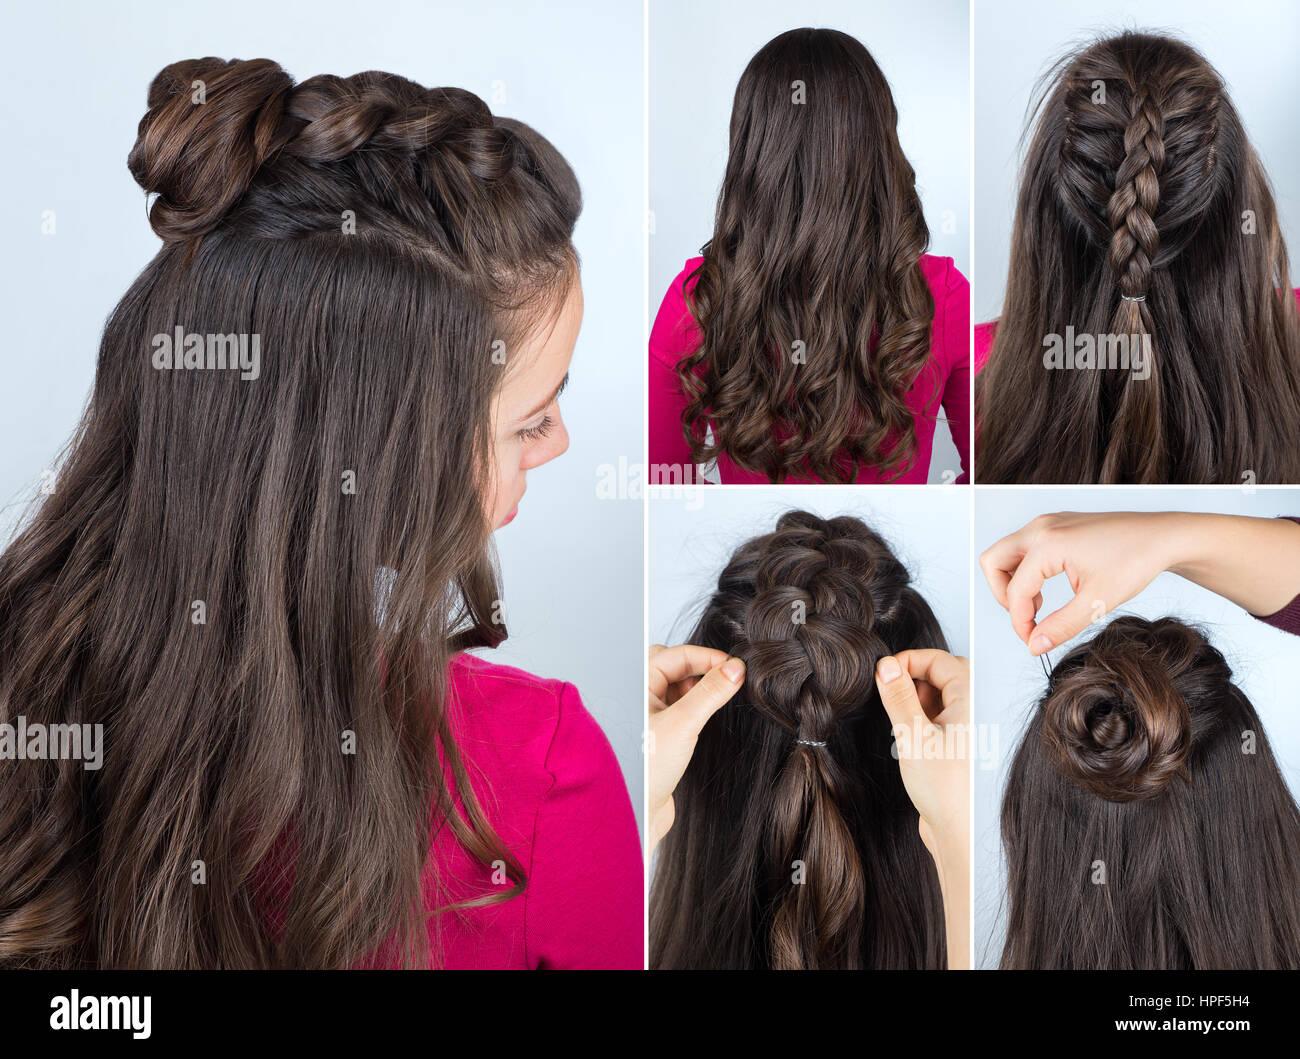 Peinado Moderno Twisted Bun Y Trenzado Con El Pelo Suelto Rizado